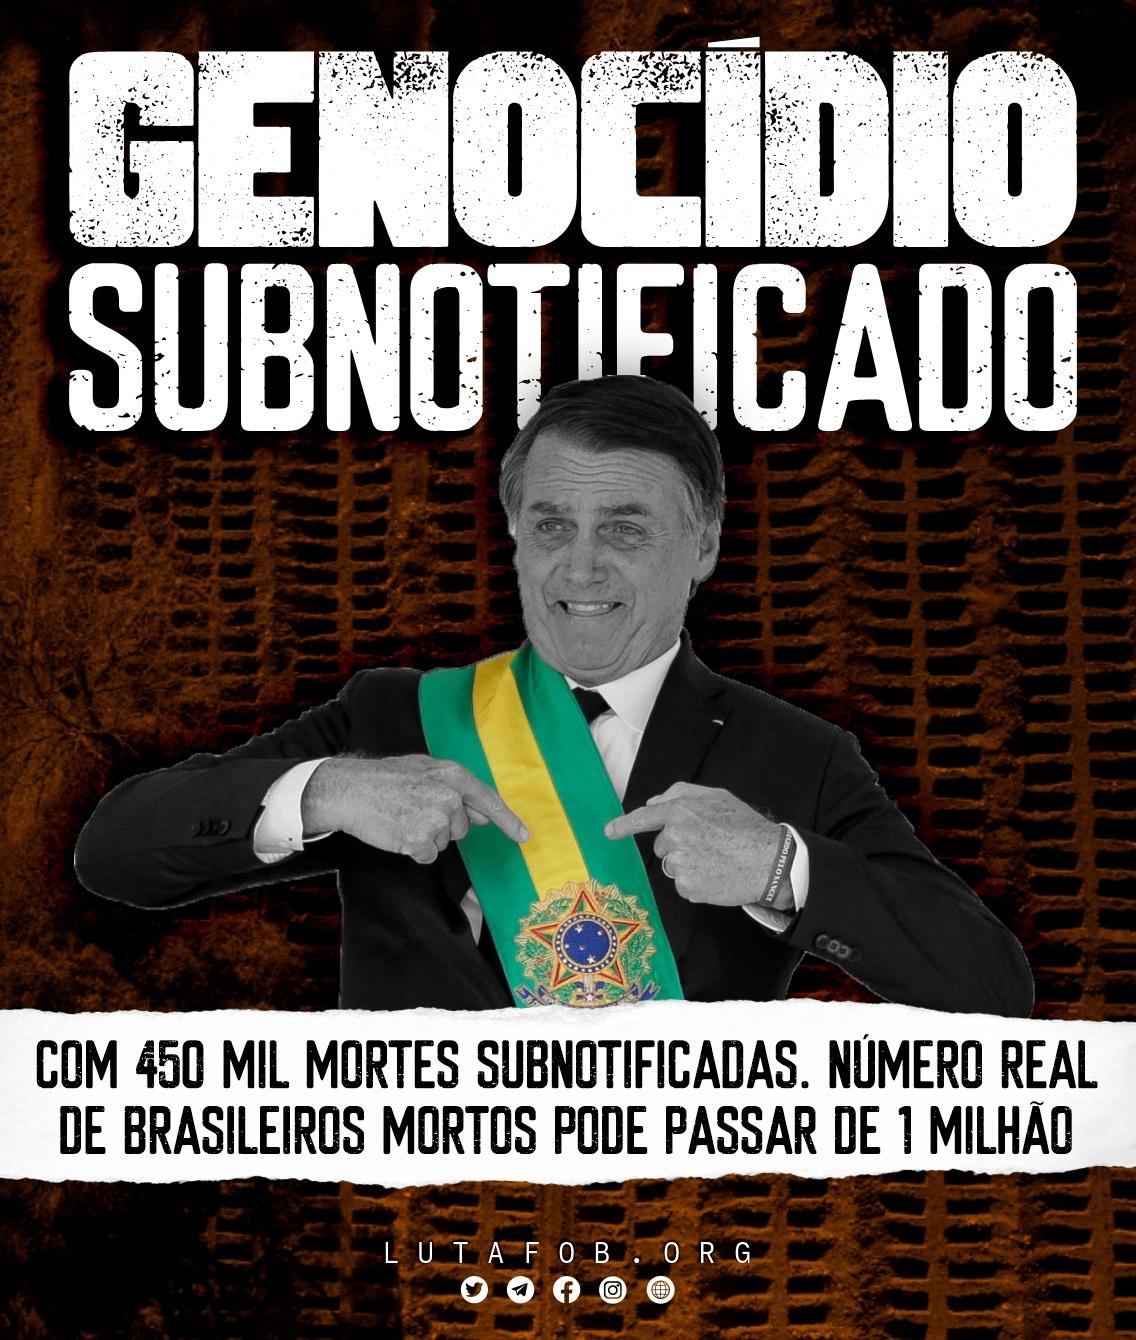 Genocídio subnotificado: Covid-19 pode ter matado mais de 1 milhão de brasileiros